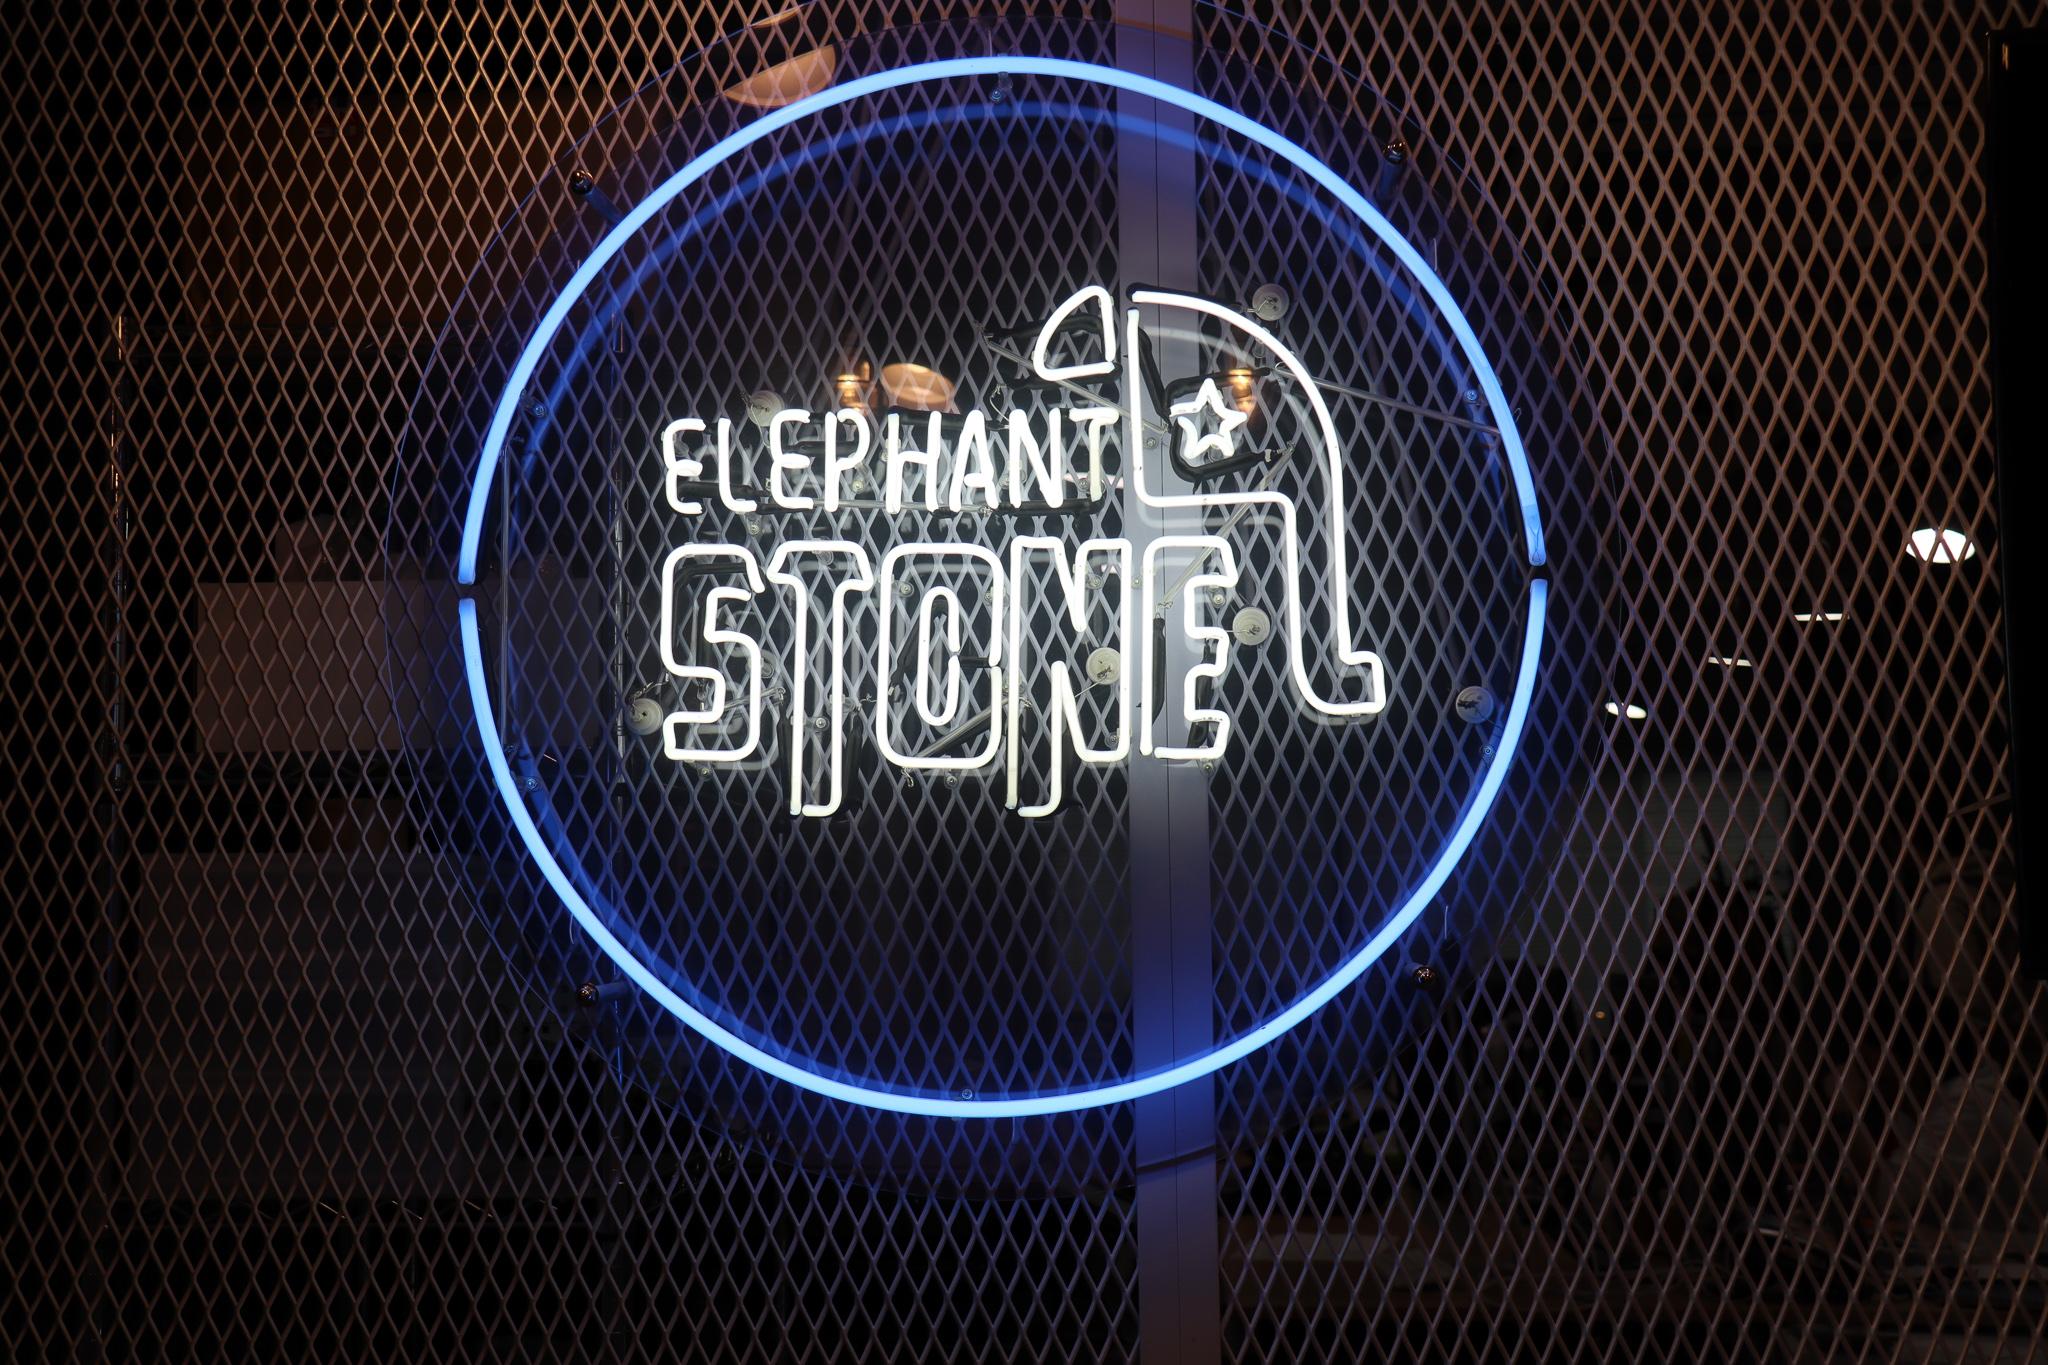 エレファントストーン社内にあるネオン管の会社ロゴ